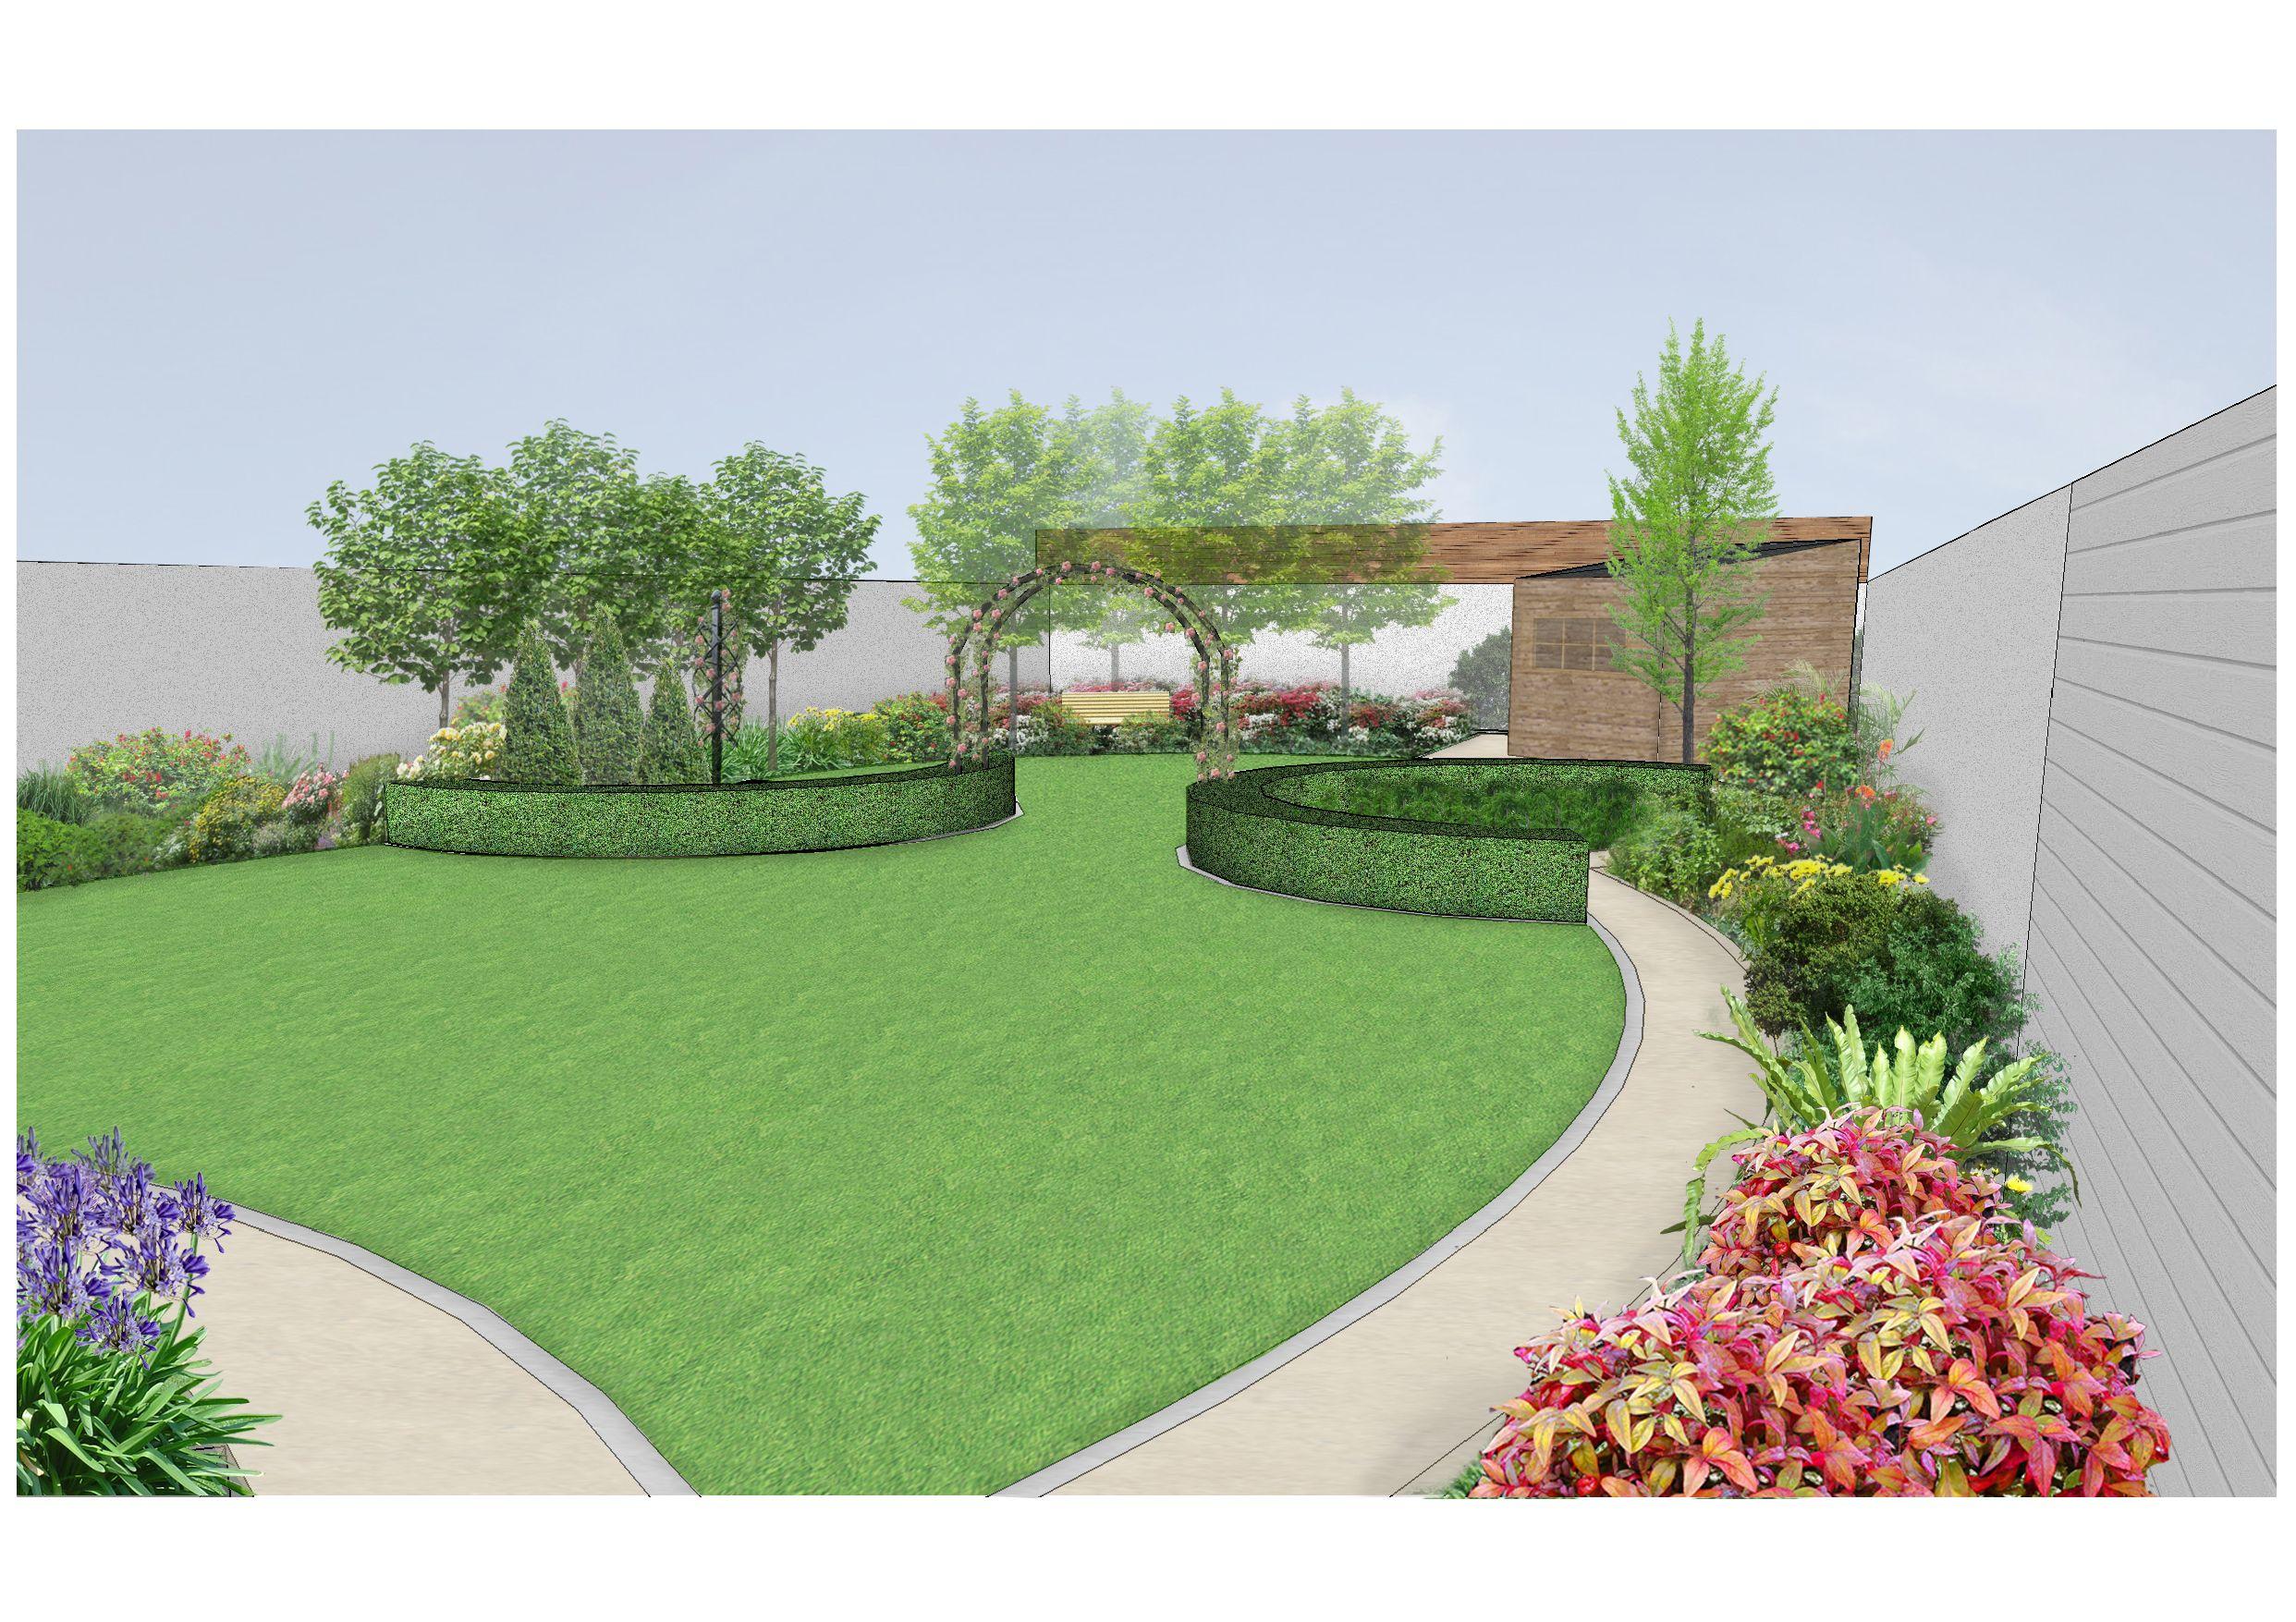 Family Garden Goatstown Design Visual 2 Www Owenchubblandscapers Com Garten Garten Ideen Gartengestaltung